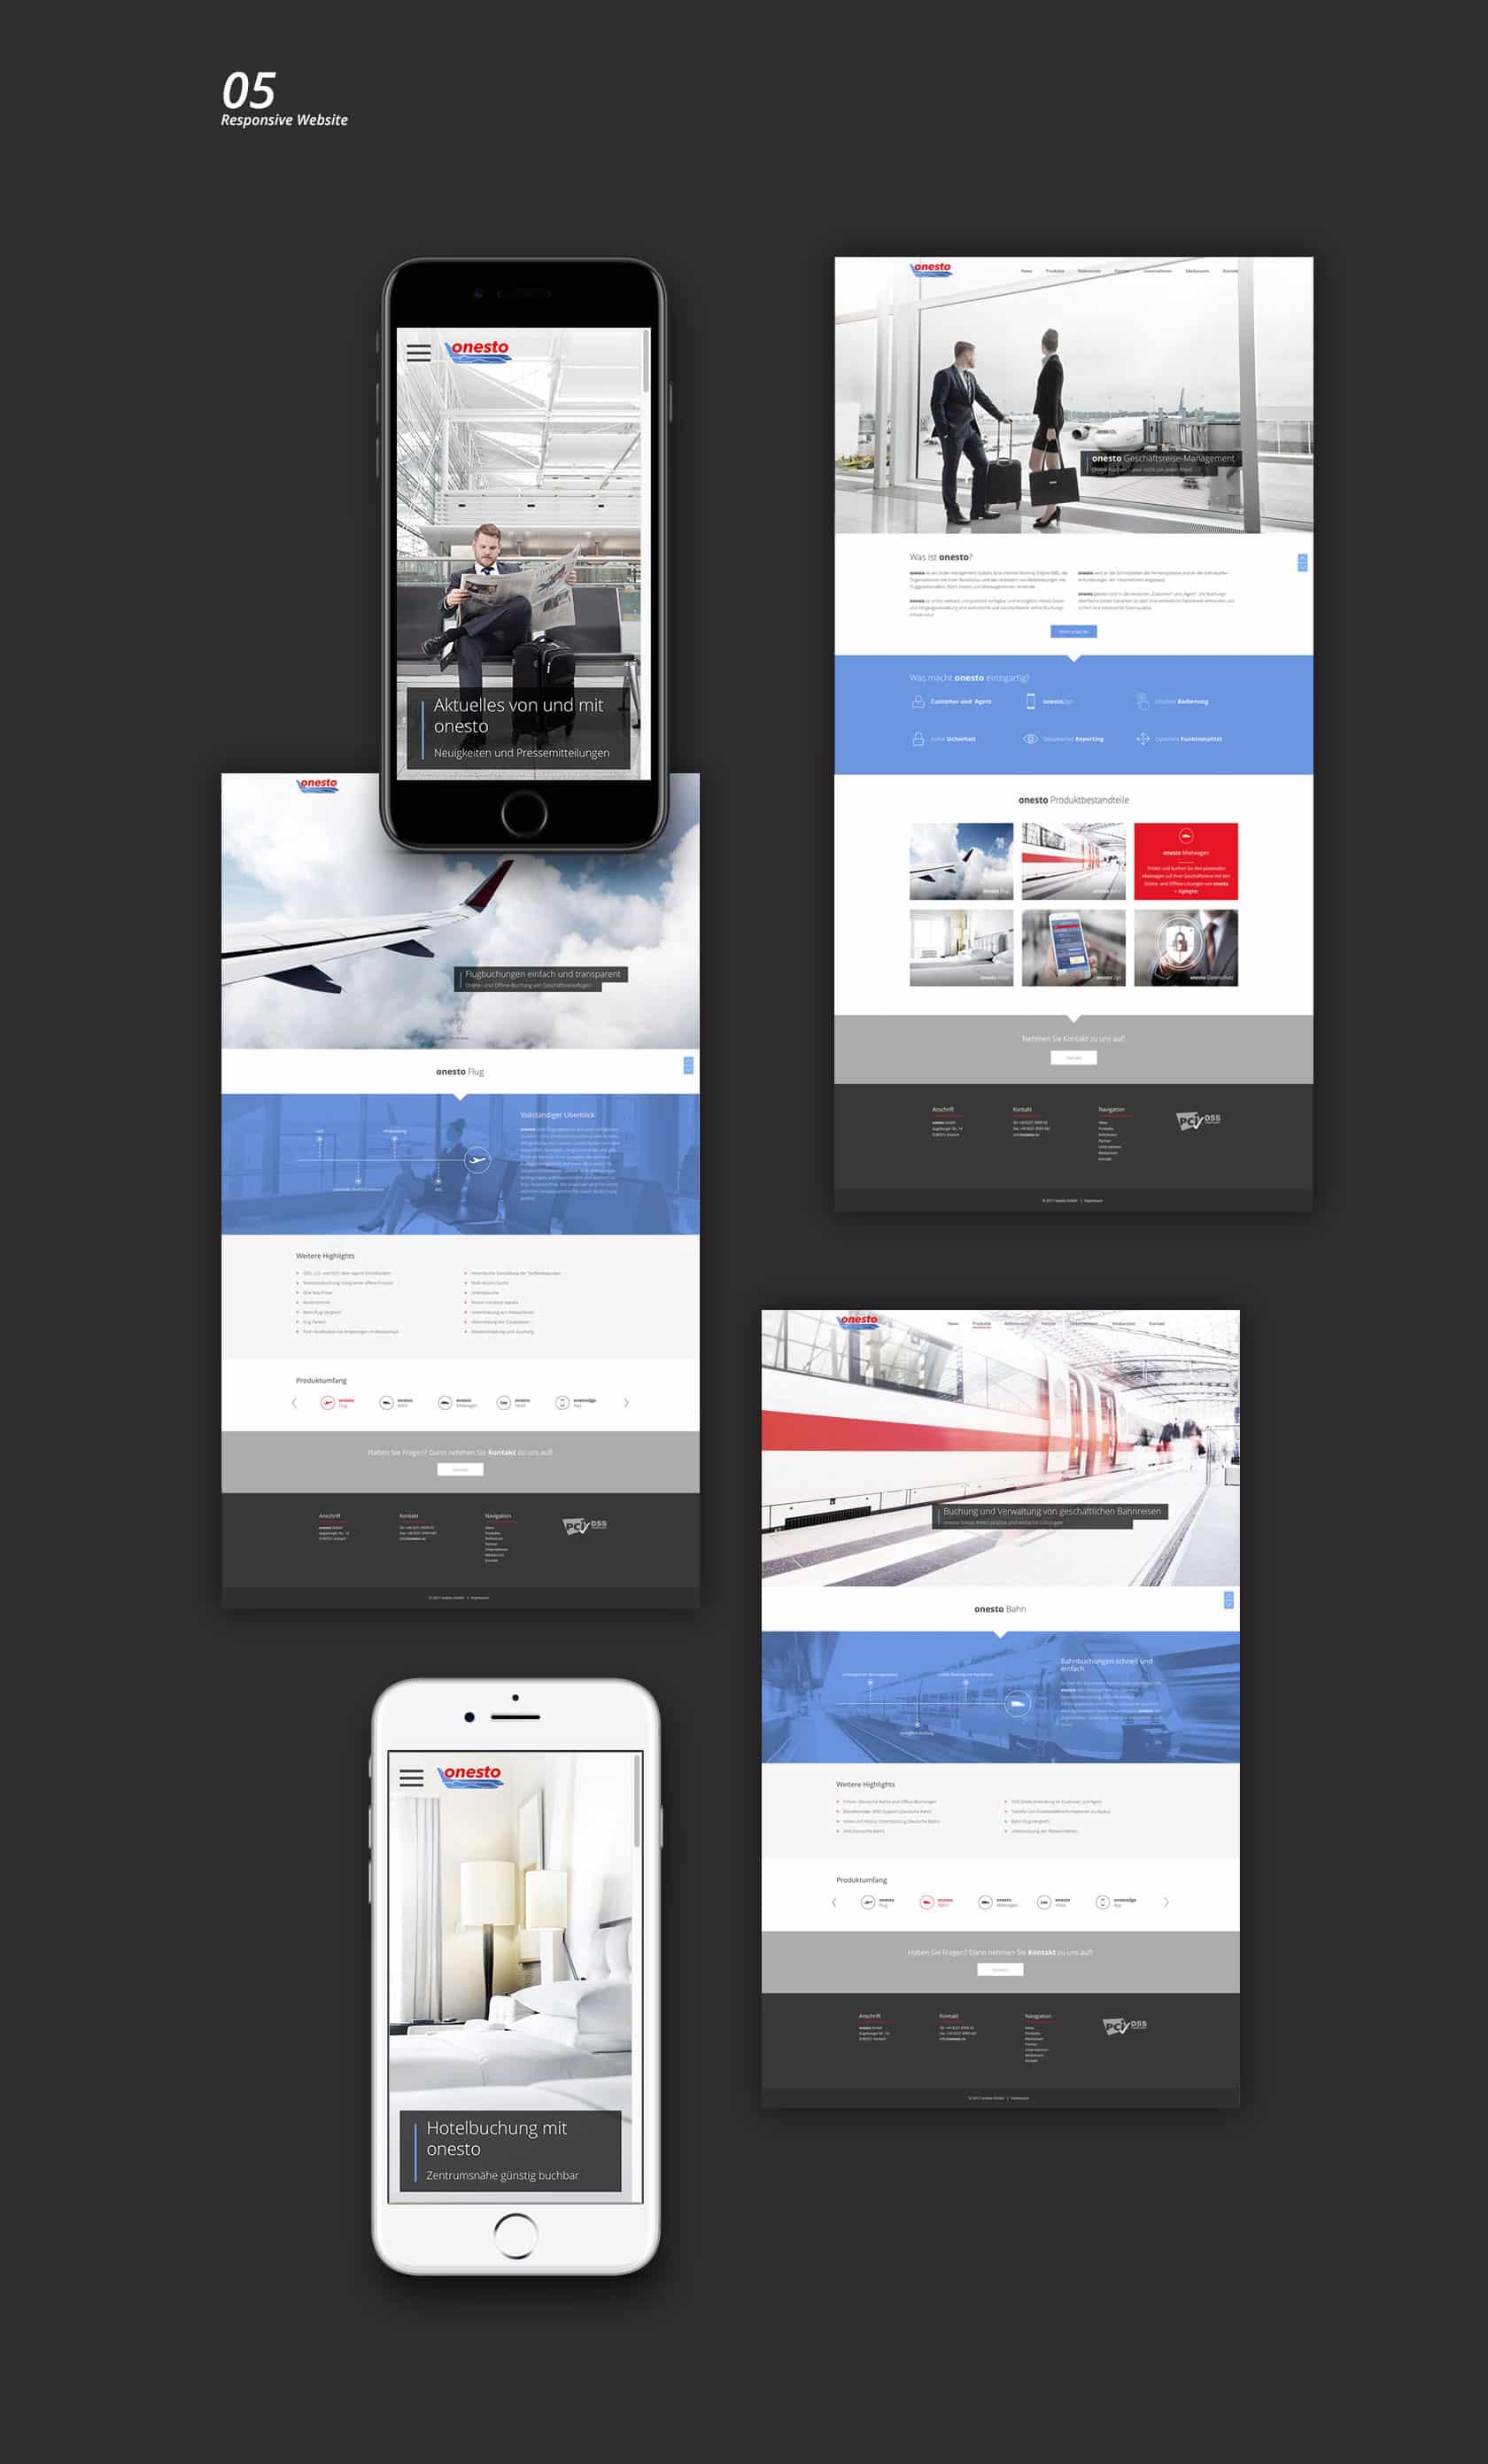 EAZEE Webagentur Muenchen onesto GmbH Responsive Design Website Desktop und Mobile Ansicht